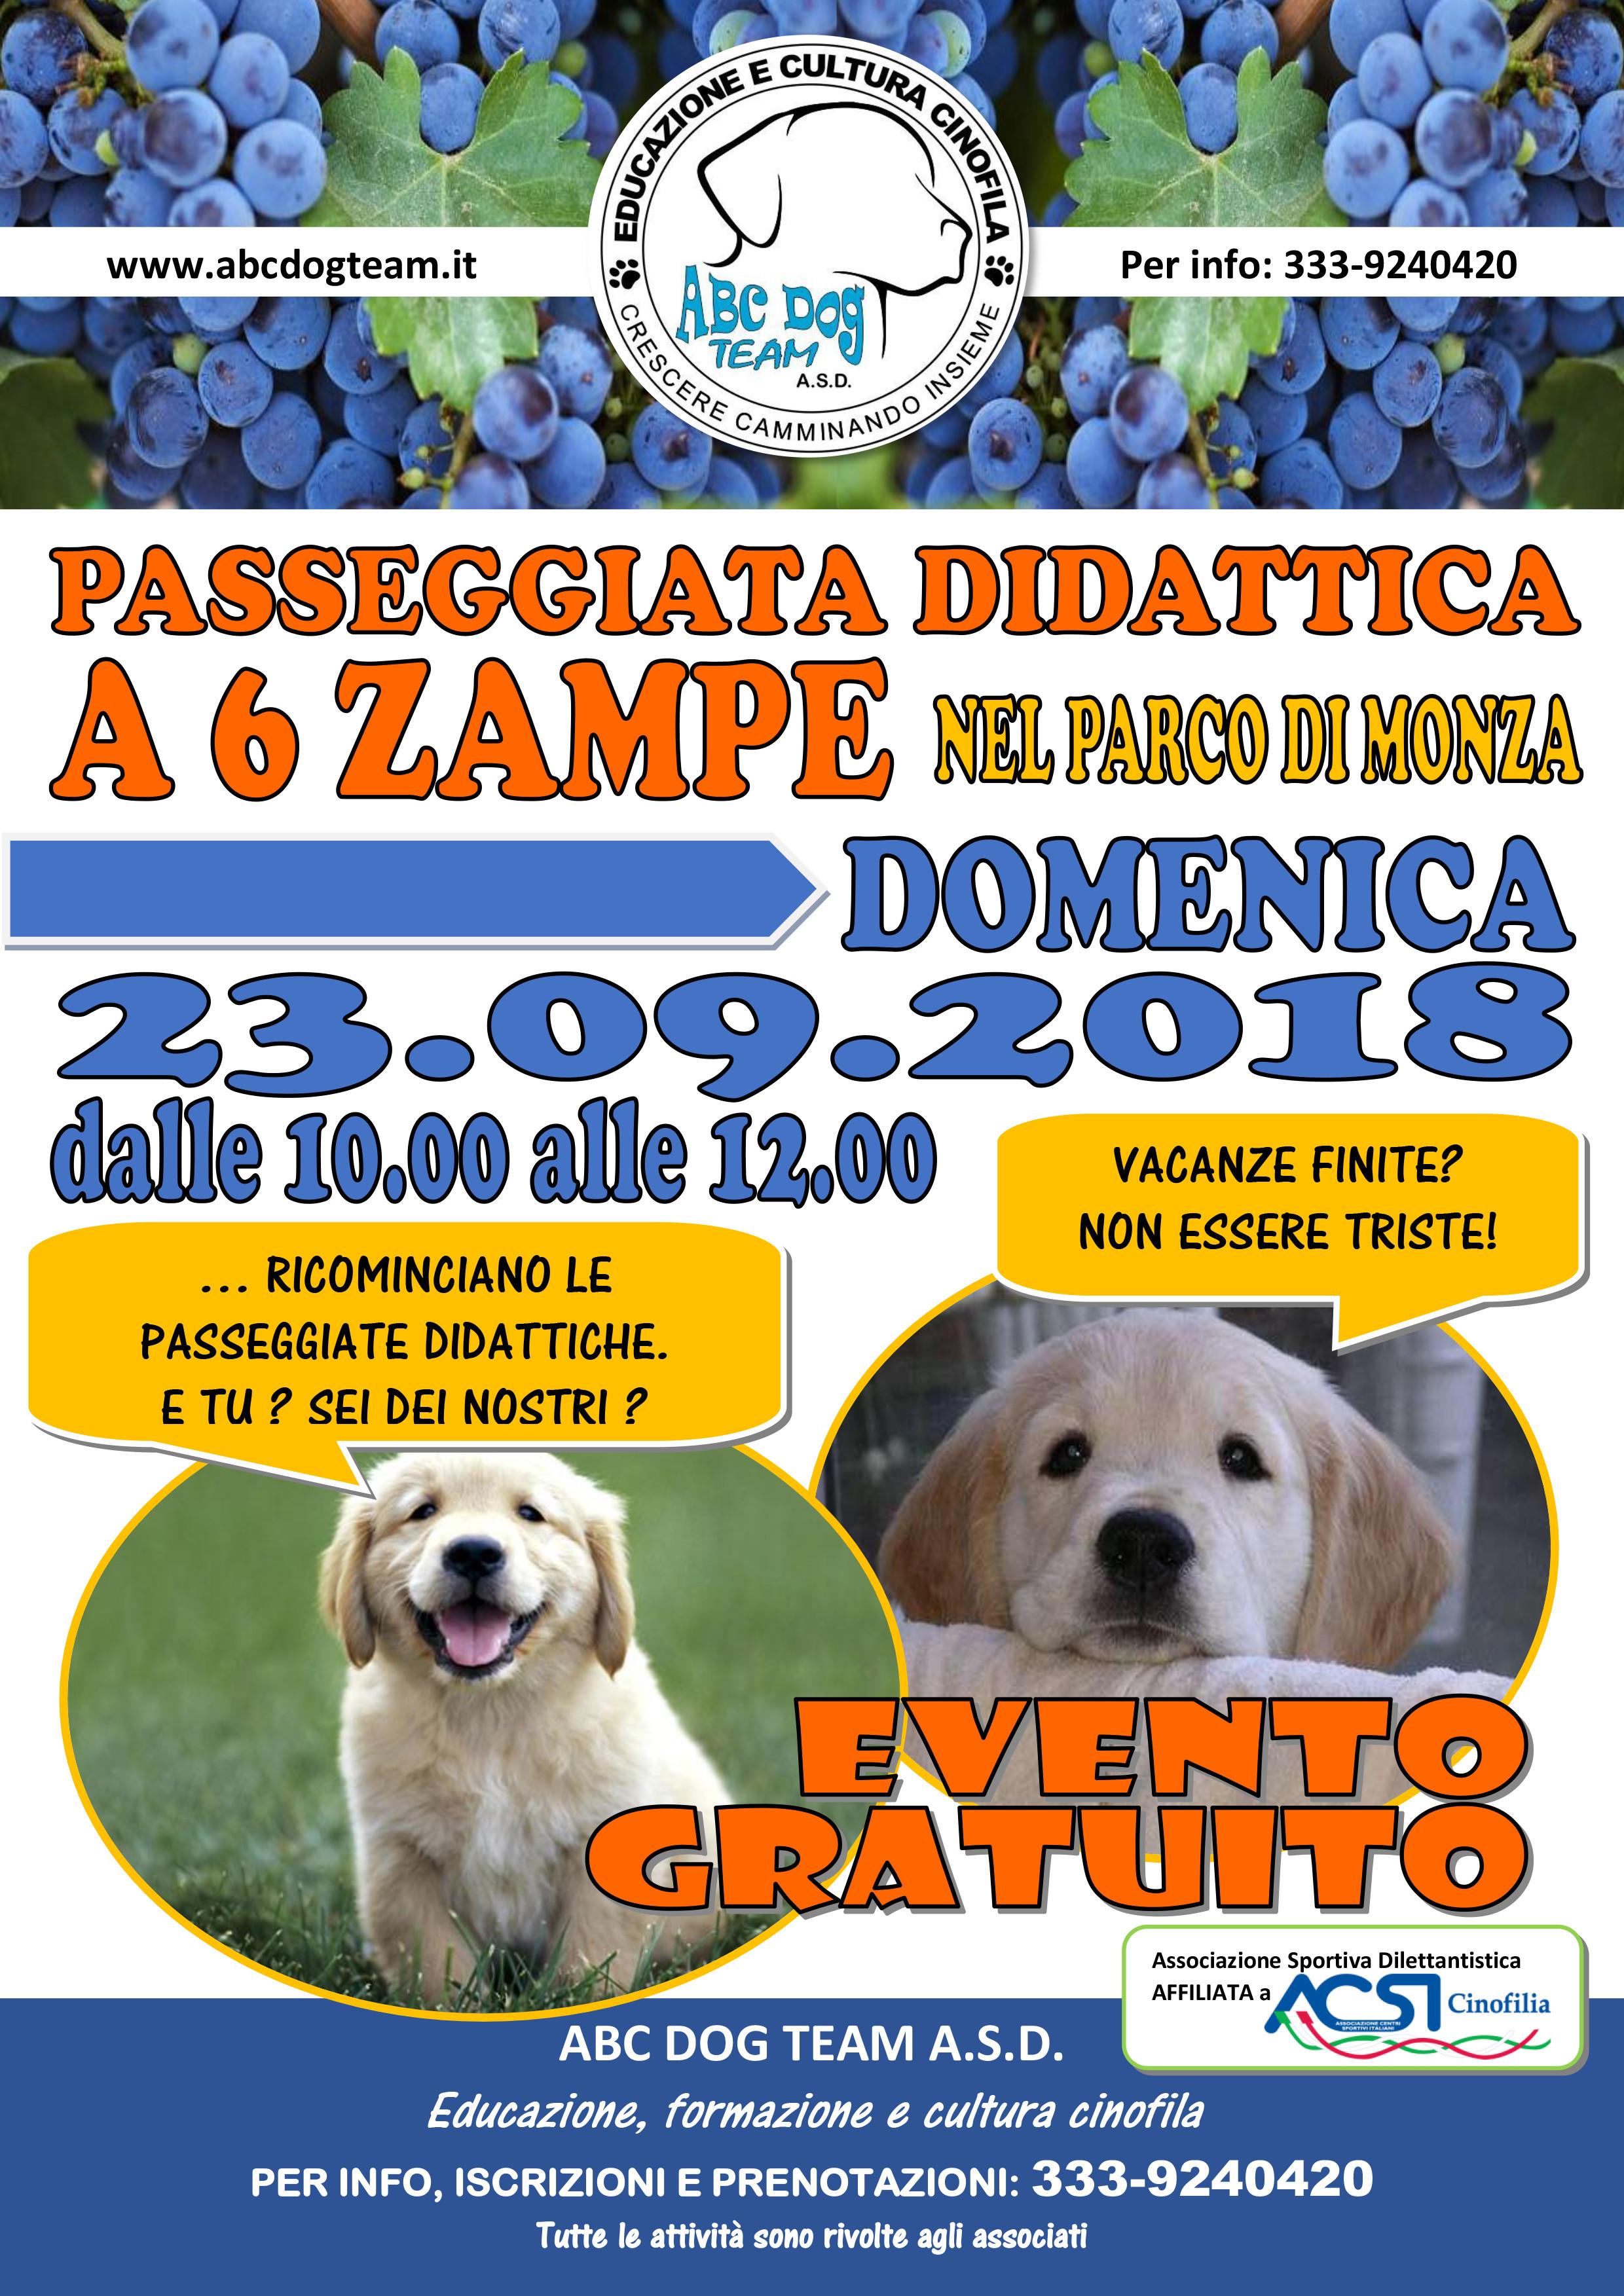 ABC Dog Passeggiata didattica